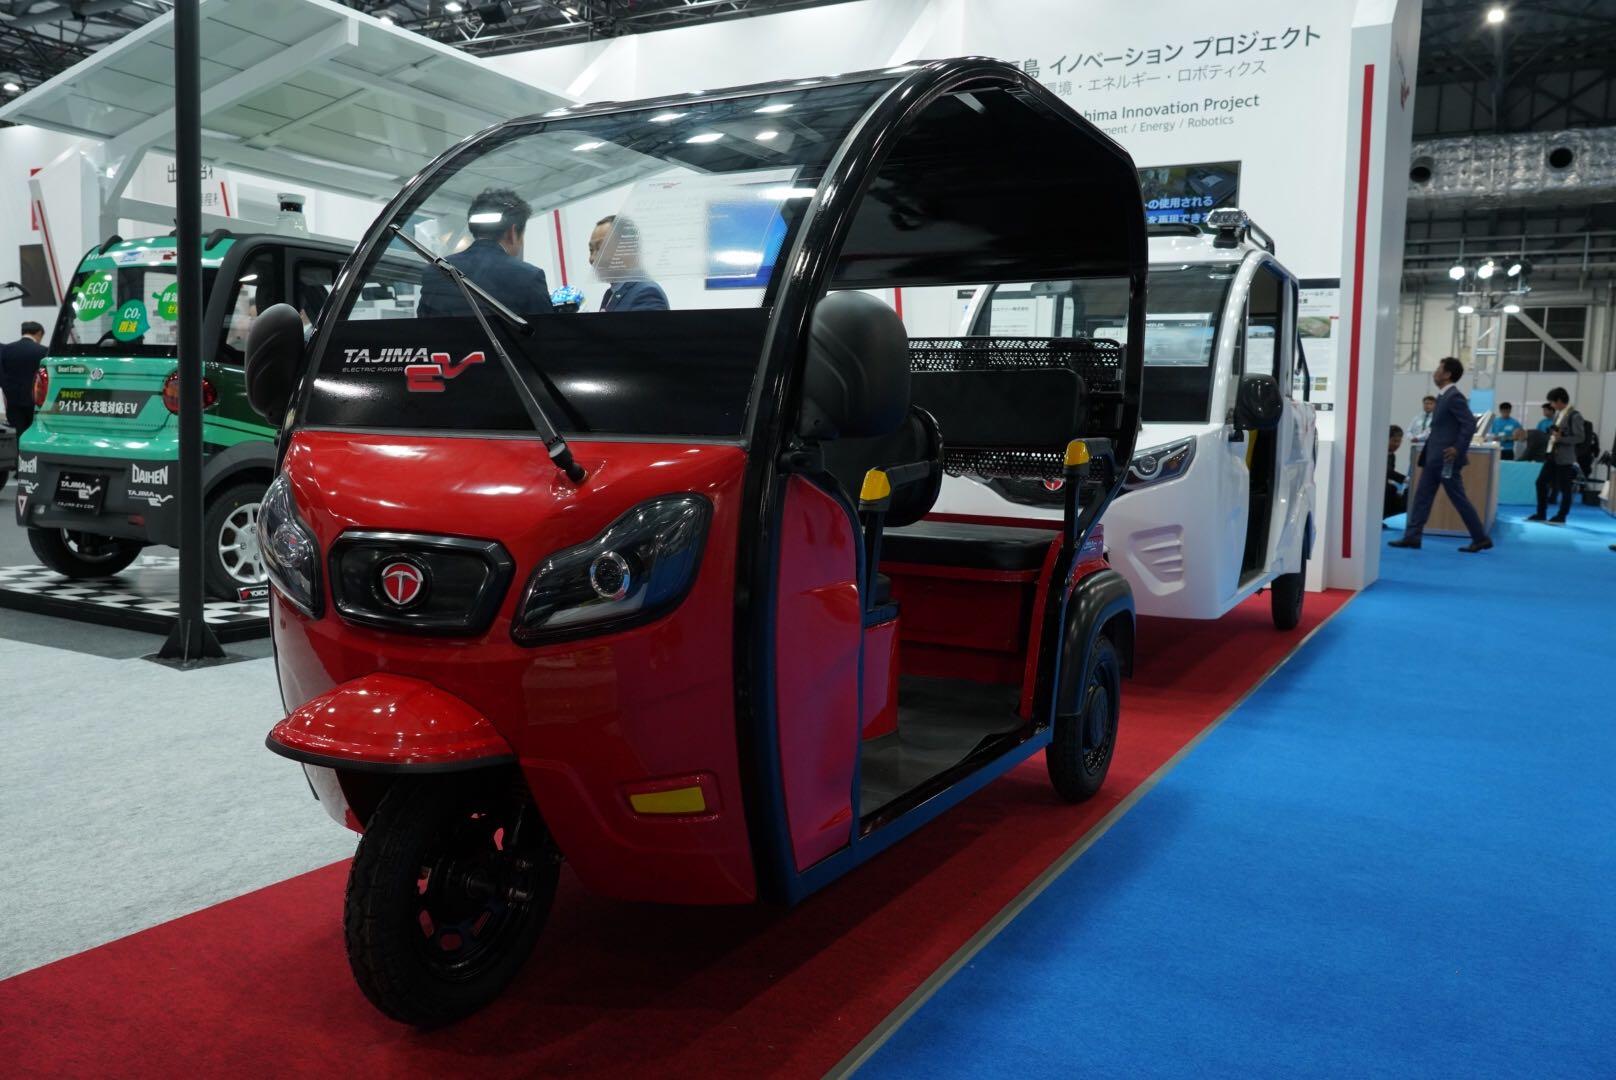 タジマ 電動3輪小型モビリティ(乗用型) 東京モーターショー2019